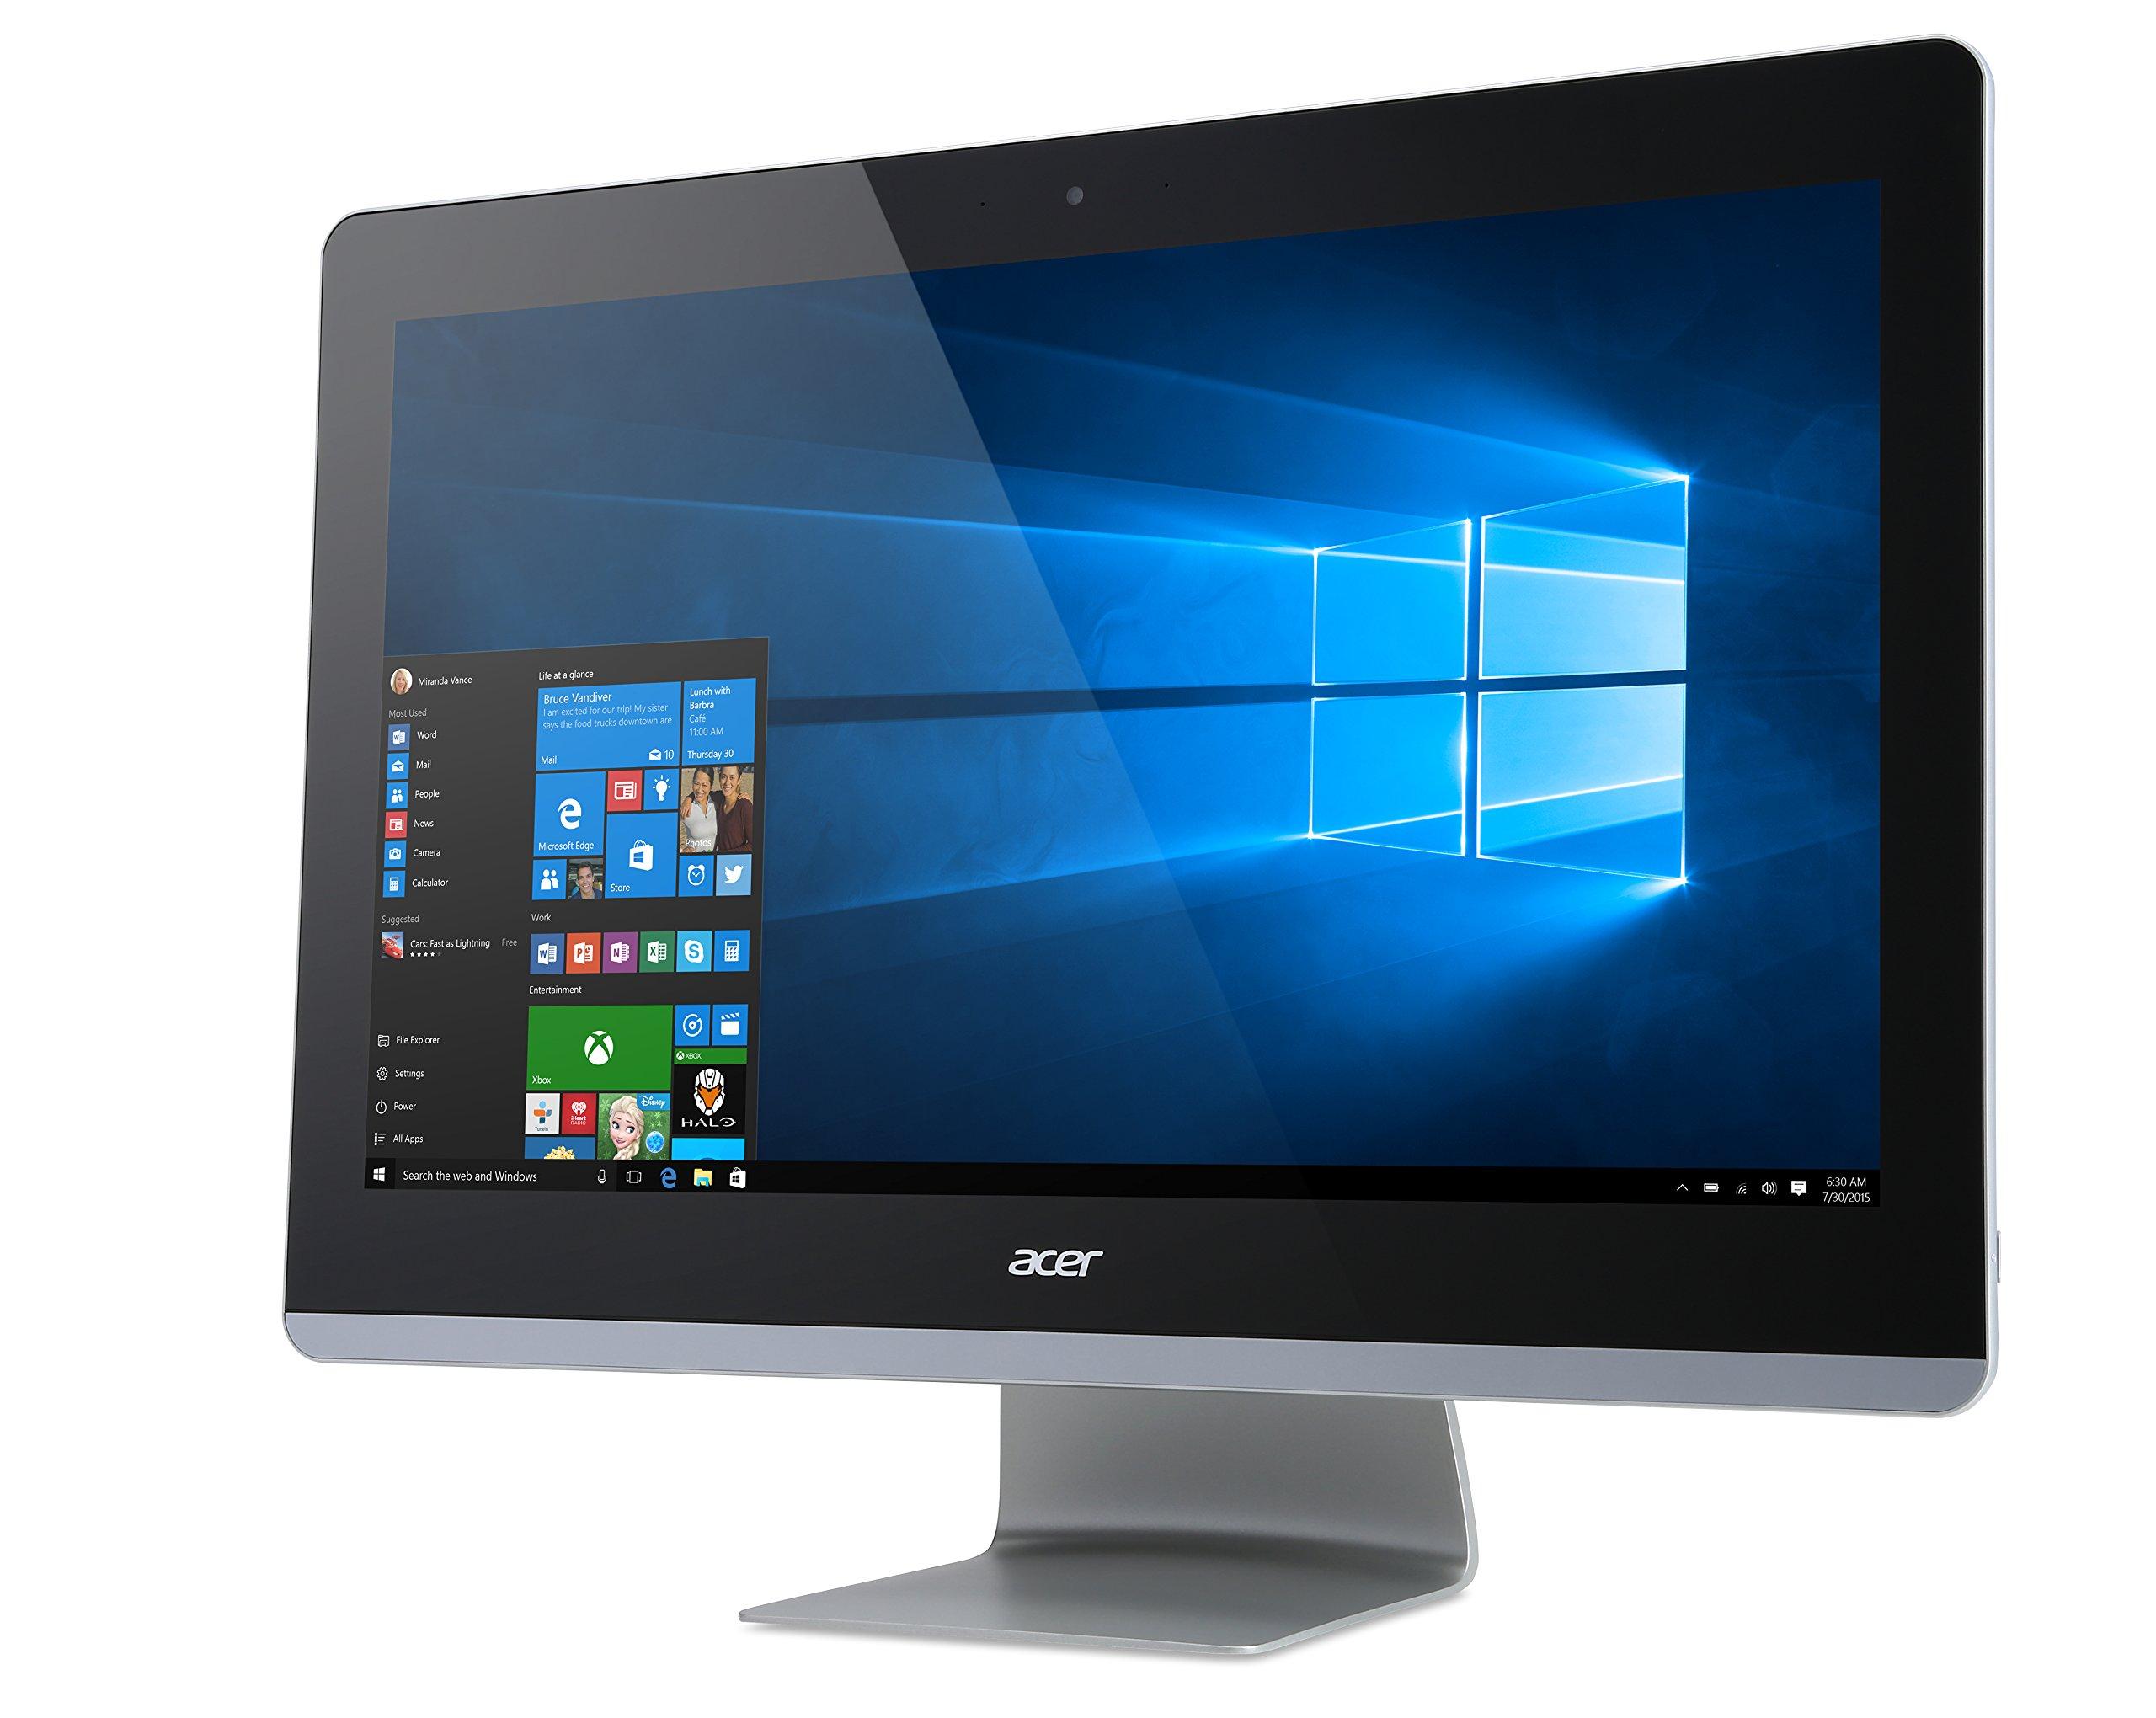 Acer Aspire Z3-705 2GHz i3-5005U 21.5